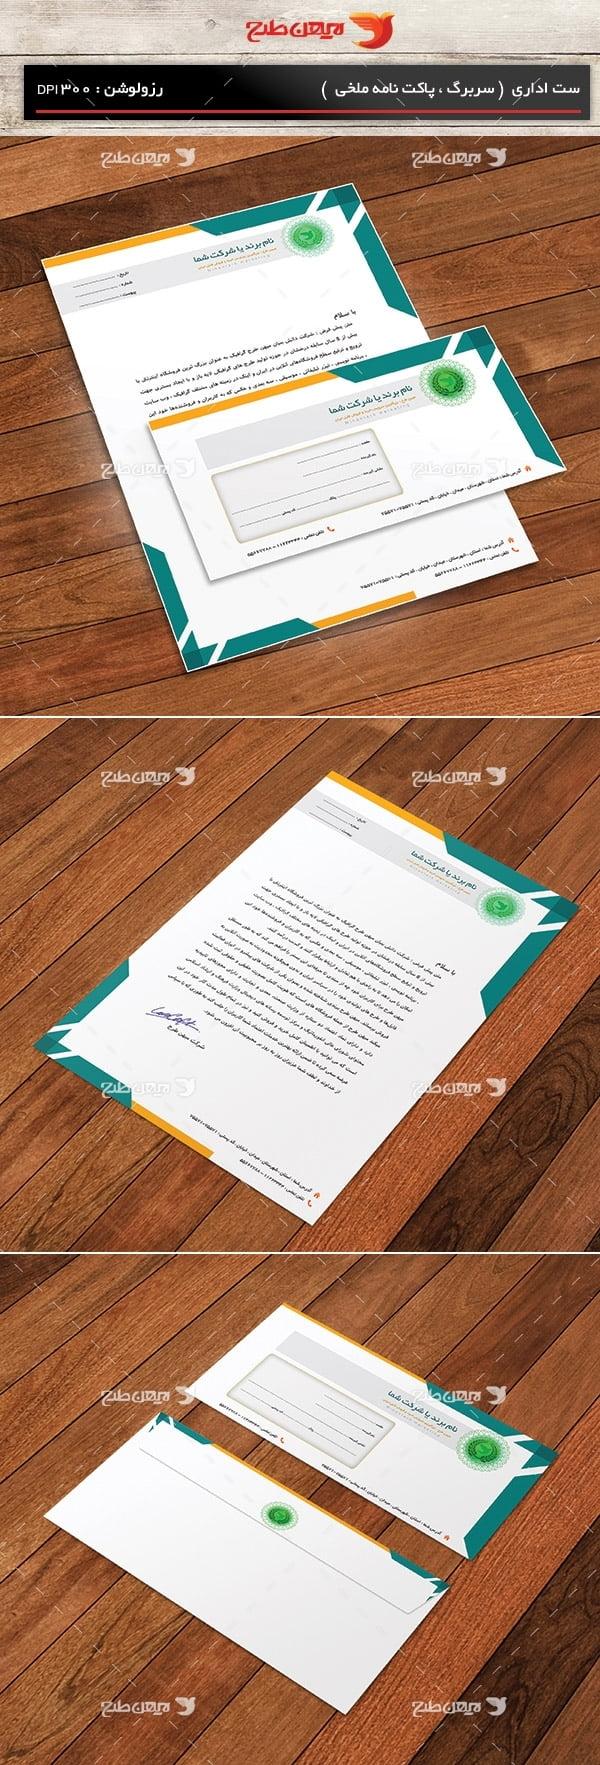 طرح لایه باز ست اداری سربرگ و پاکت نامه